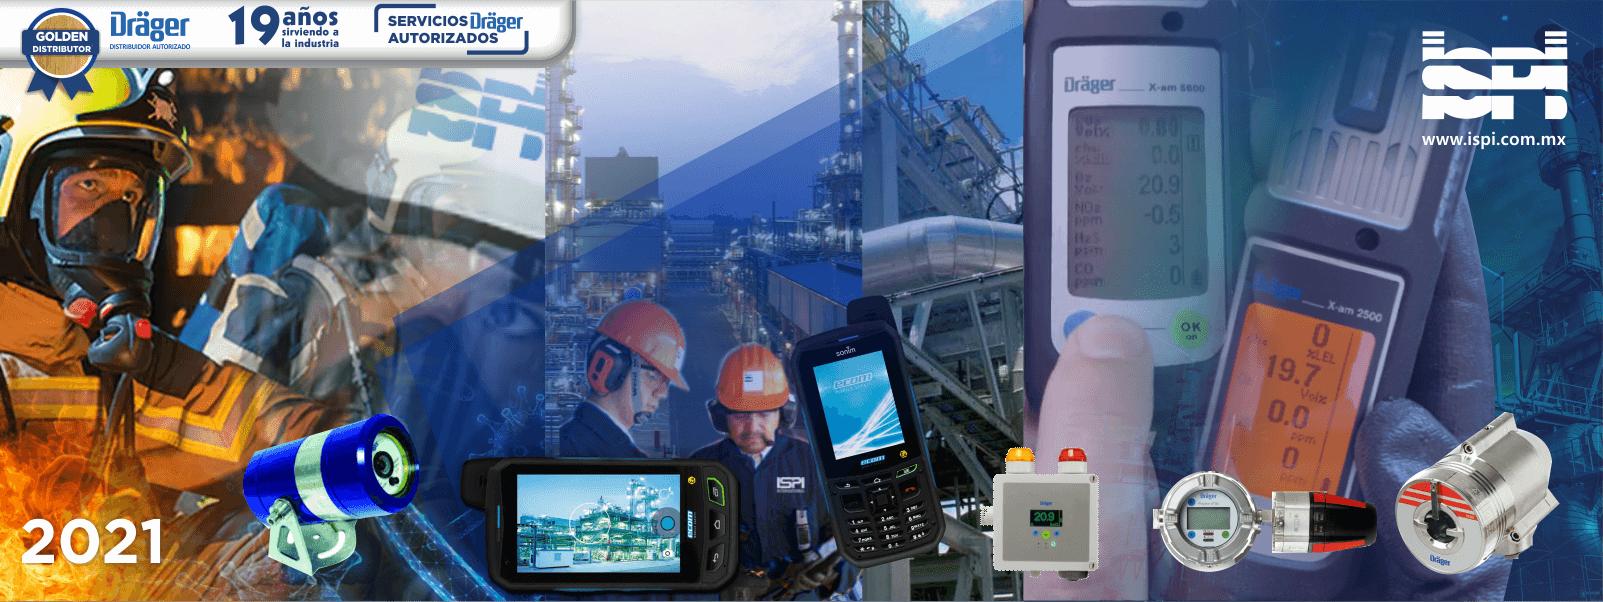 Deteccion y Proteccion contra gases toxicos, Explosion, Incendio y Riesgos Arco Electrico y Fuego Repentino